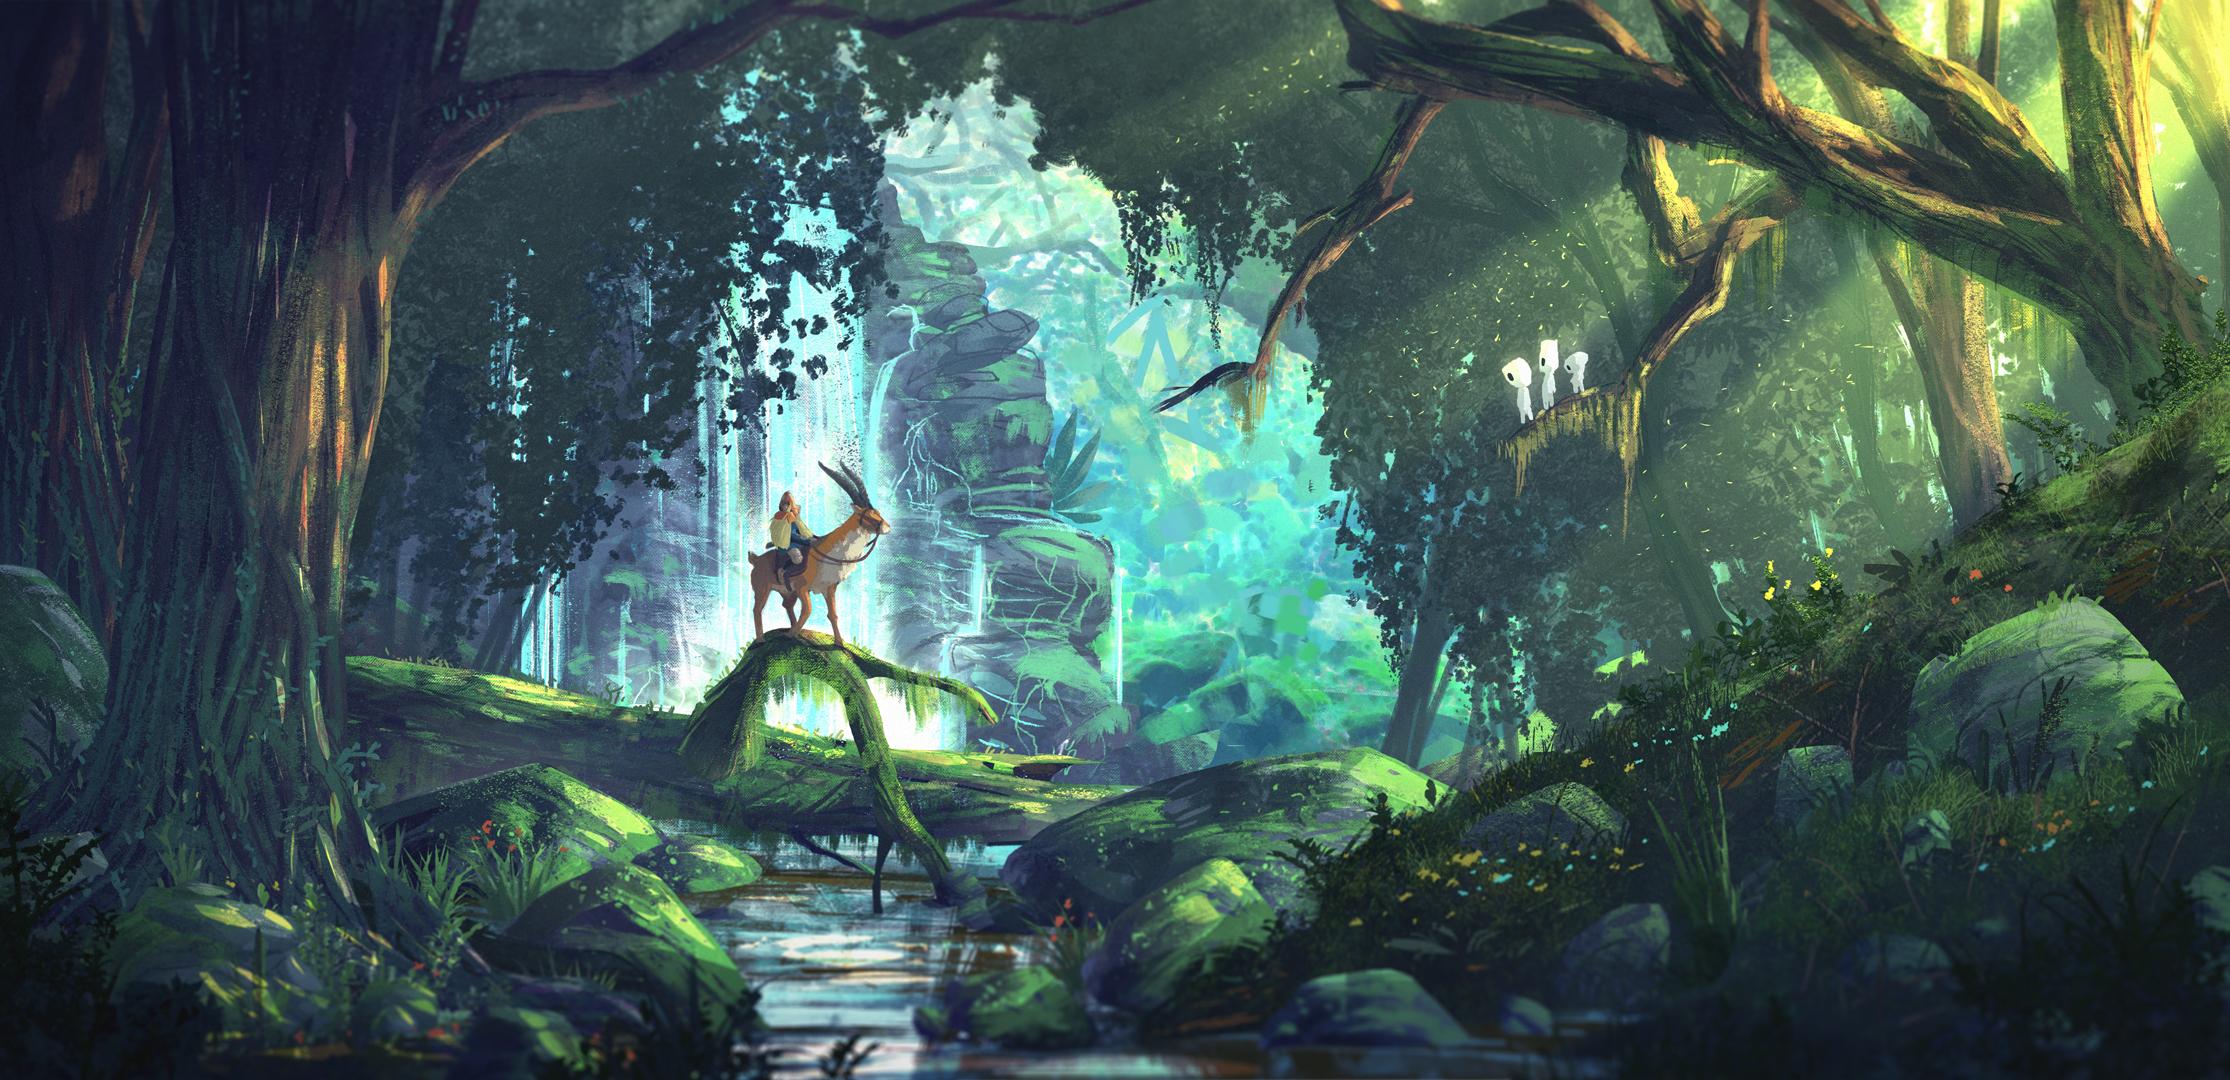 Glamorous Princess Mononoke Wallpaper